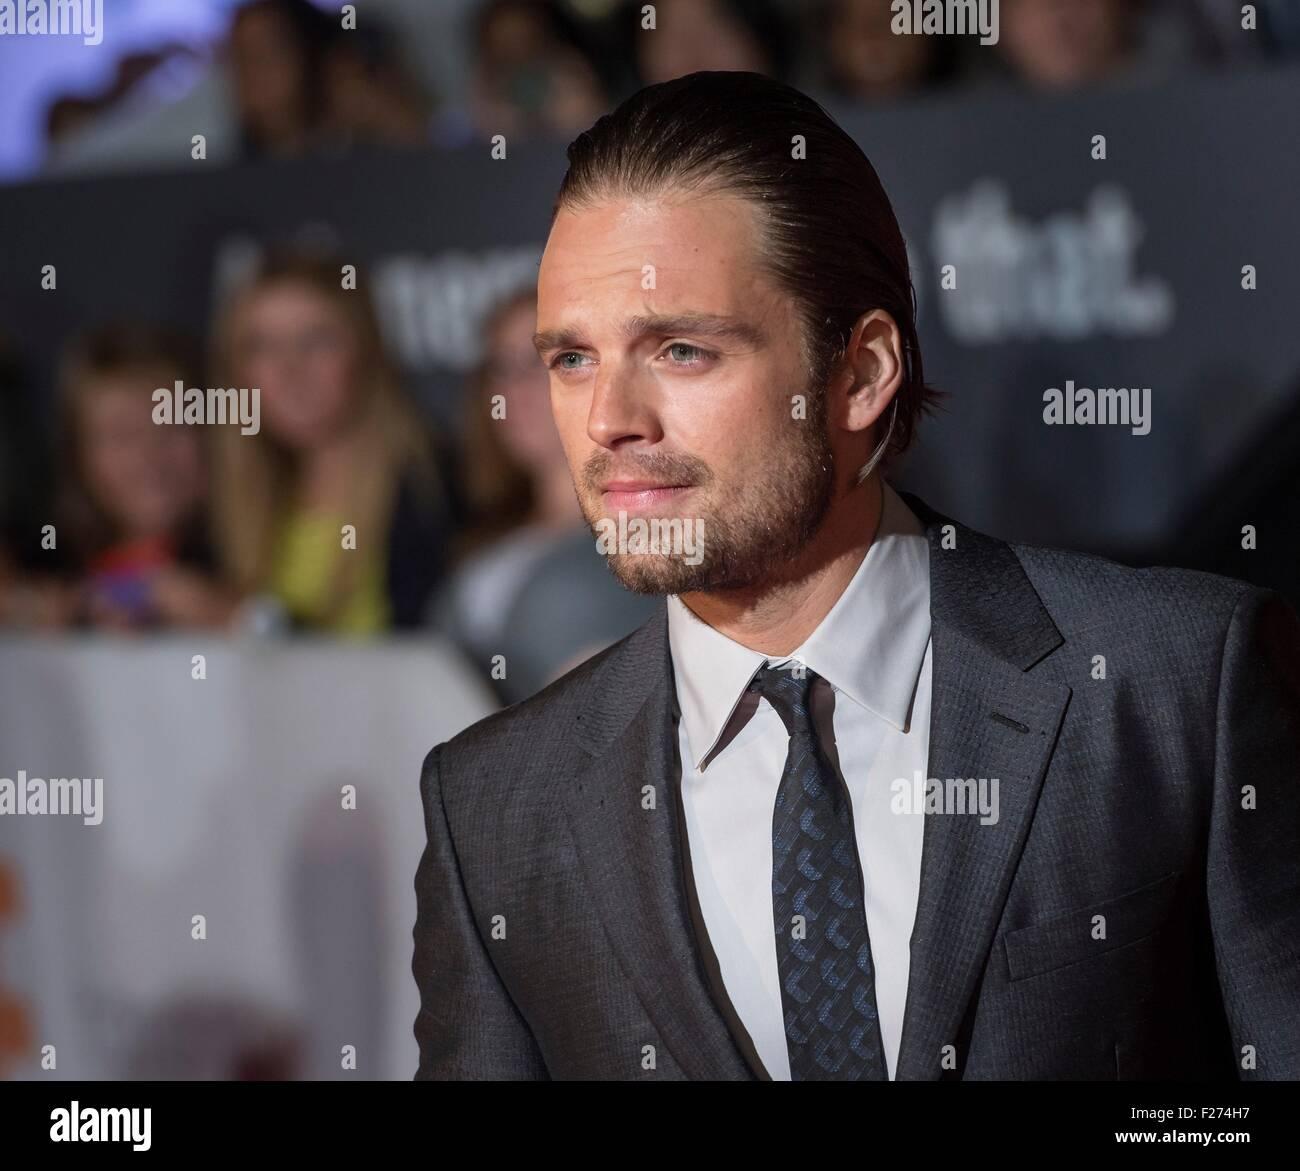 Schauspieler Sebastian Stan besucht die Weltpremiere für The Martian auf dem Toronto International Film Festival Stockbild